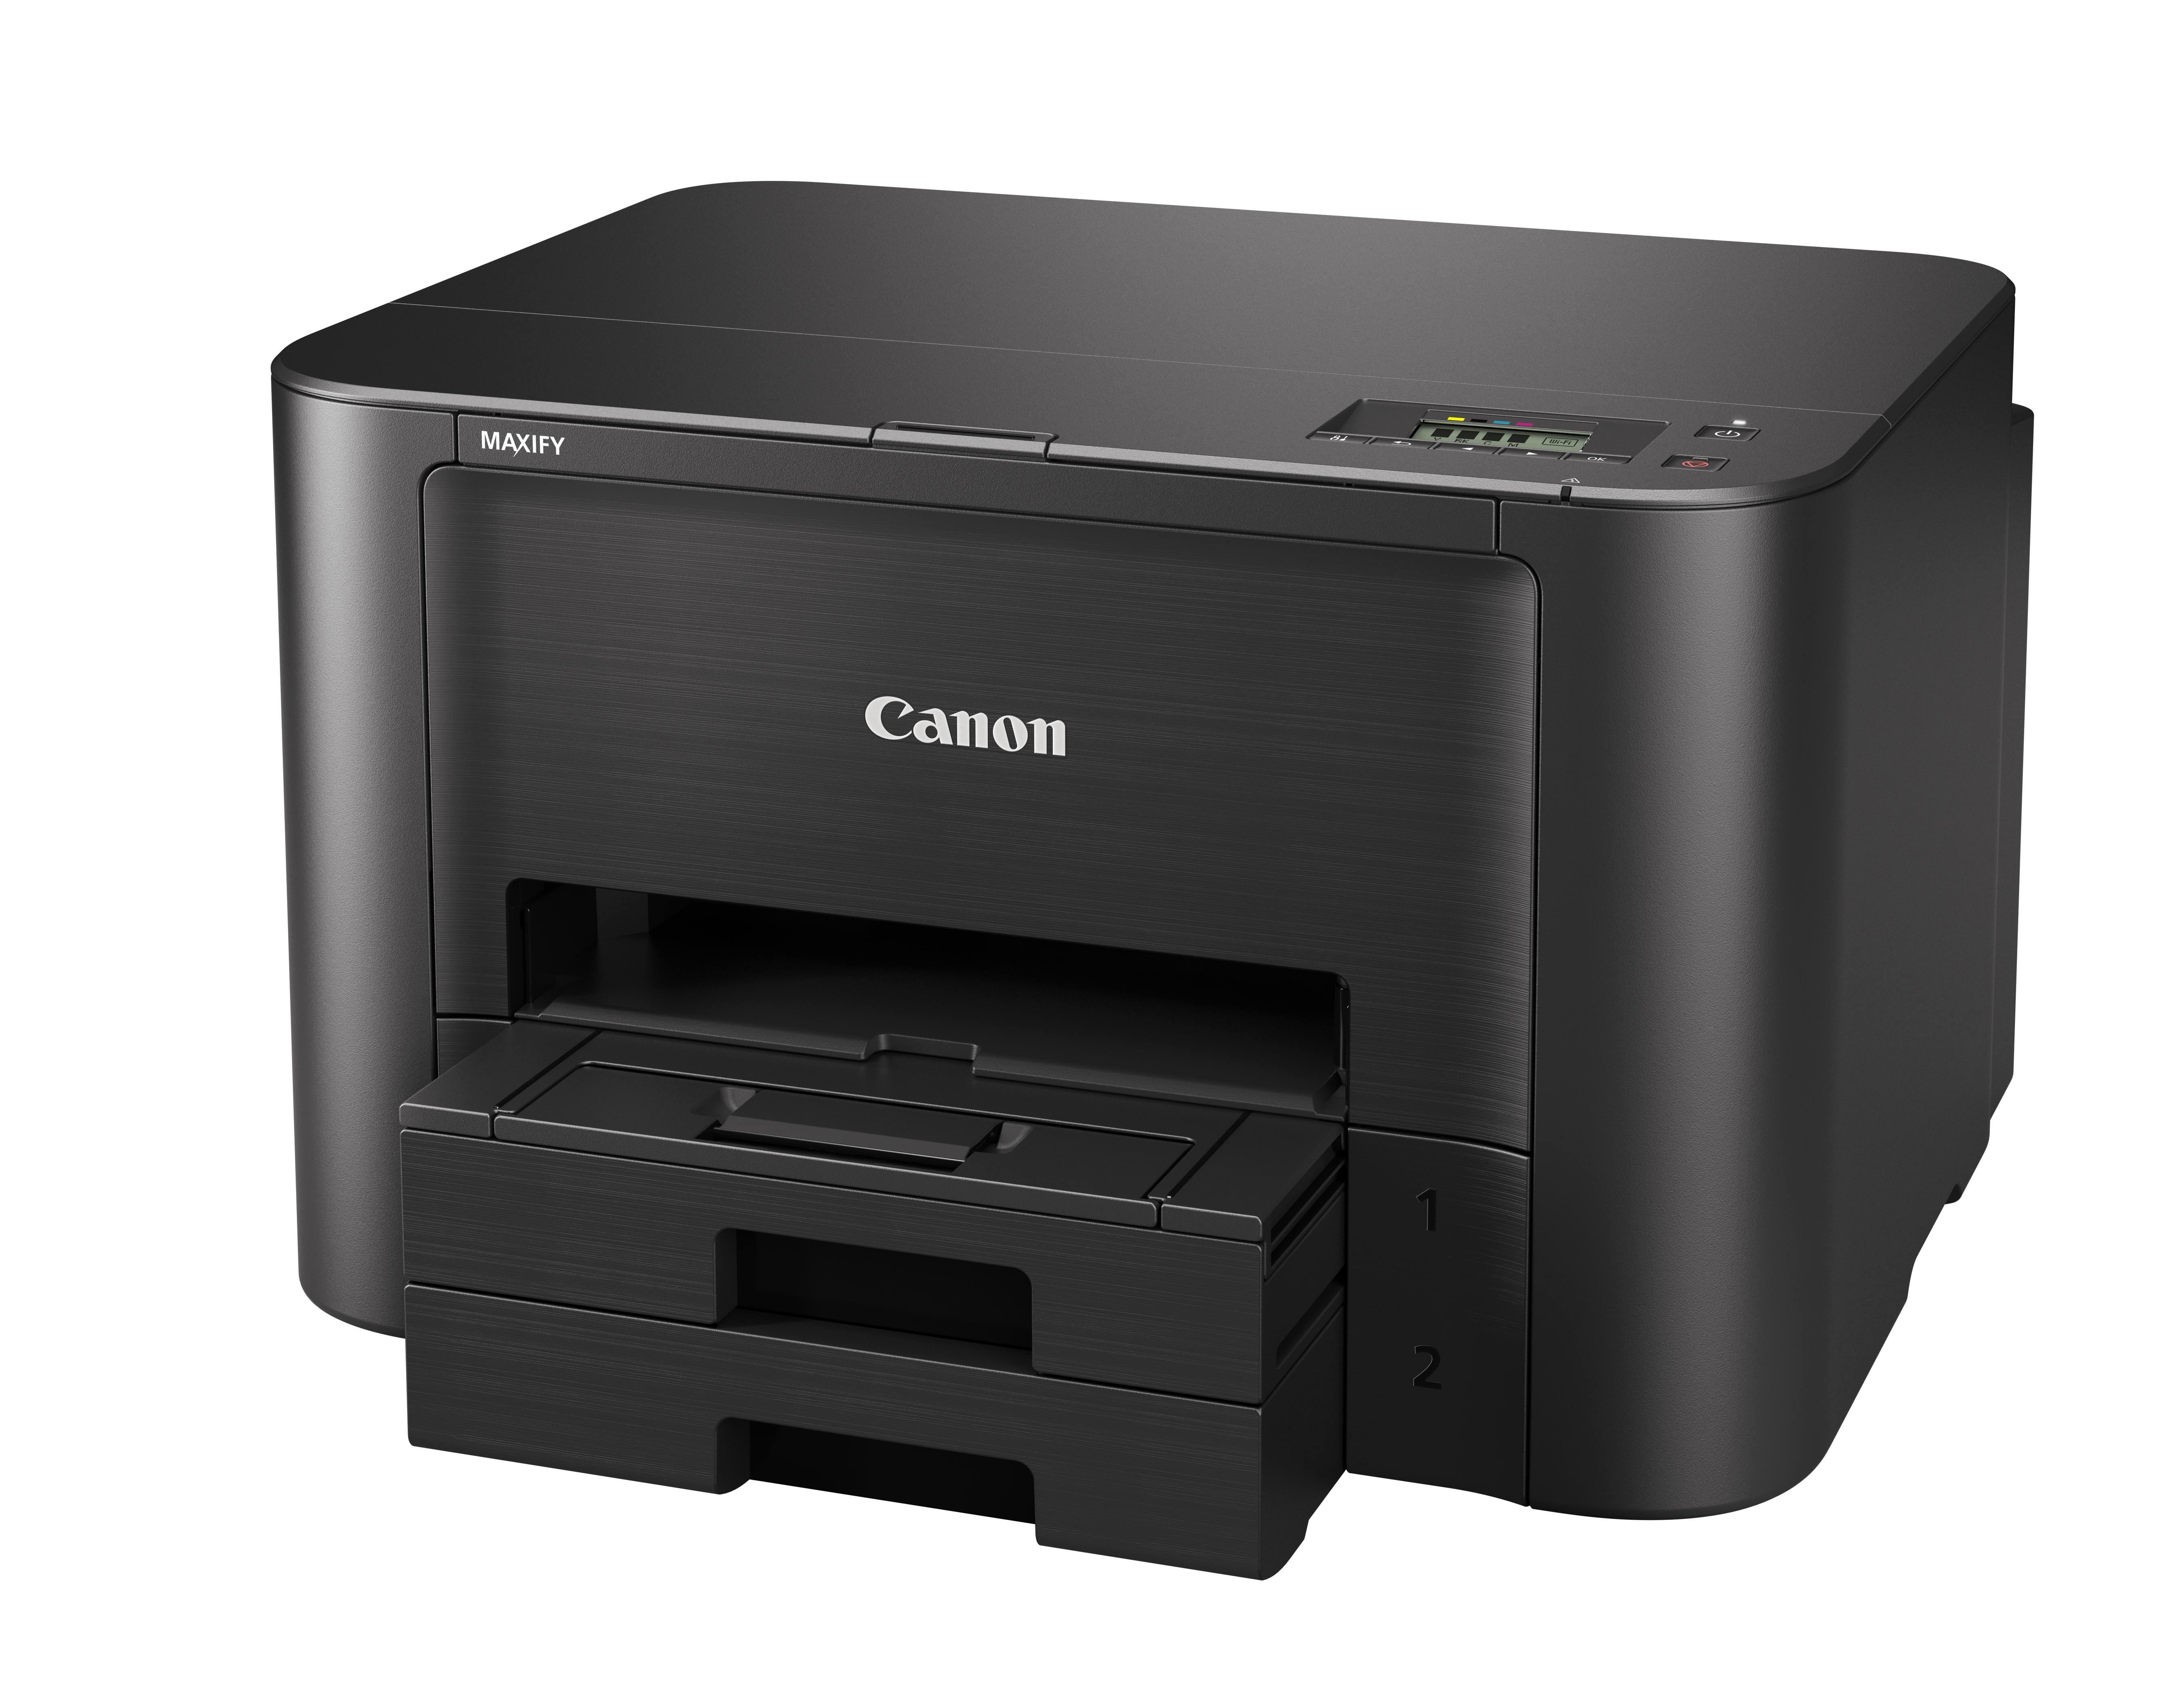 Canon Maxify iB4140 (0972C007) принтер струйный0972C007Canon Maxify iB4140 создан для гарантии высокой производительности, эффективности и надежности работы. Быстрая печать 24 изображения в минуту в монохромном режиме и 15,5 изображений в минуту в цветном режиме, увеличеный ресурс картриджа до 2500 страниц, низкие эксплуатационные расходы и поддержка Wi-Fi соединения — идеальный вариант для небольших офисных пространств.Цветной струйный принтер, который обеспечит высокую скорость и экономичность работы, даже при больших объемах печати, в любом небольшом офисном пространстве. Устройство Canon Maxify iB4140, оснащенное кассетой для бумаги повышенной емкости (на 500 листов), обеспечивает исключительные результаты печати с яркой цветопередачей и высокой четкостью текста за счет использования чернил DRHD, устойчивых к стиранию и маркерам.От низкого энергопотребления до чернильных картриджей с увеличенным ресурсом и цветных картриджей с возможностью индивидуальной замены — устройство Canon Maxify iB4140 создано для сокращения эксплуатационных расходов. Черные картриджи имеют ресурс 2500 страниц в соответствии со стандартом ISO, а цветные картриджи — 1500 страниц, позволяя непрерывно вести офисную работу без необходимости постоянной замены картриджей. Кроме того, еще больше сэкономить на печати поможет дополнительно приобретаемый 4-цветный экономичный набор.Canon Maxify iB4140 позволяет эффективно выполнять задания. Двусторонняя печать и поддержка различных форматов и типов бумаги — от обычной бумаги формата A4 до этикеток, конвертов, фотобумаги — упрощает выполнение общих заданий офисной печати. Благодаря большому разнообразию простых в использовании функций устройство Canon Maxify iB4140 обеспечивает все параметры печати, необходимые для выполнения стандартных офисных задач.Поддержка сервисов Виртуальный принтер Google, Apple AirPrint (iOS), Mopria и приложения Canon PRINT обеспечивает высокую скорость и удобство печати с мобильных устройств. Вы даже можете выполнять печ